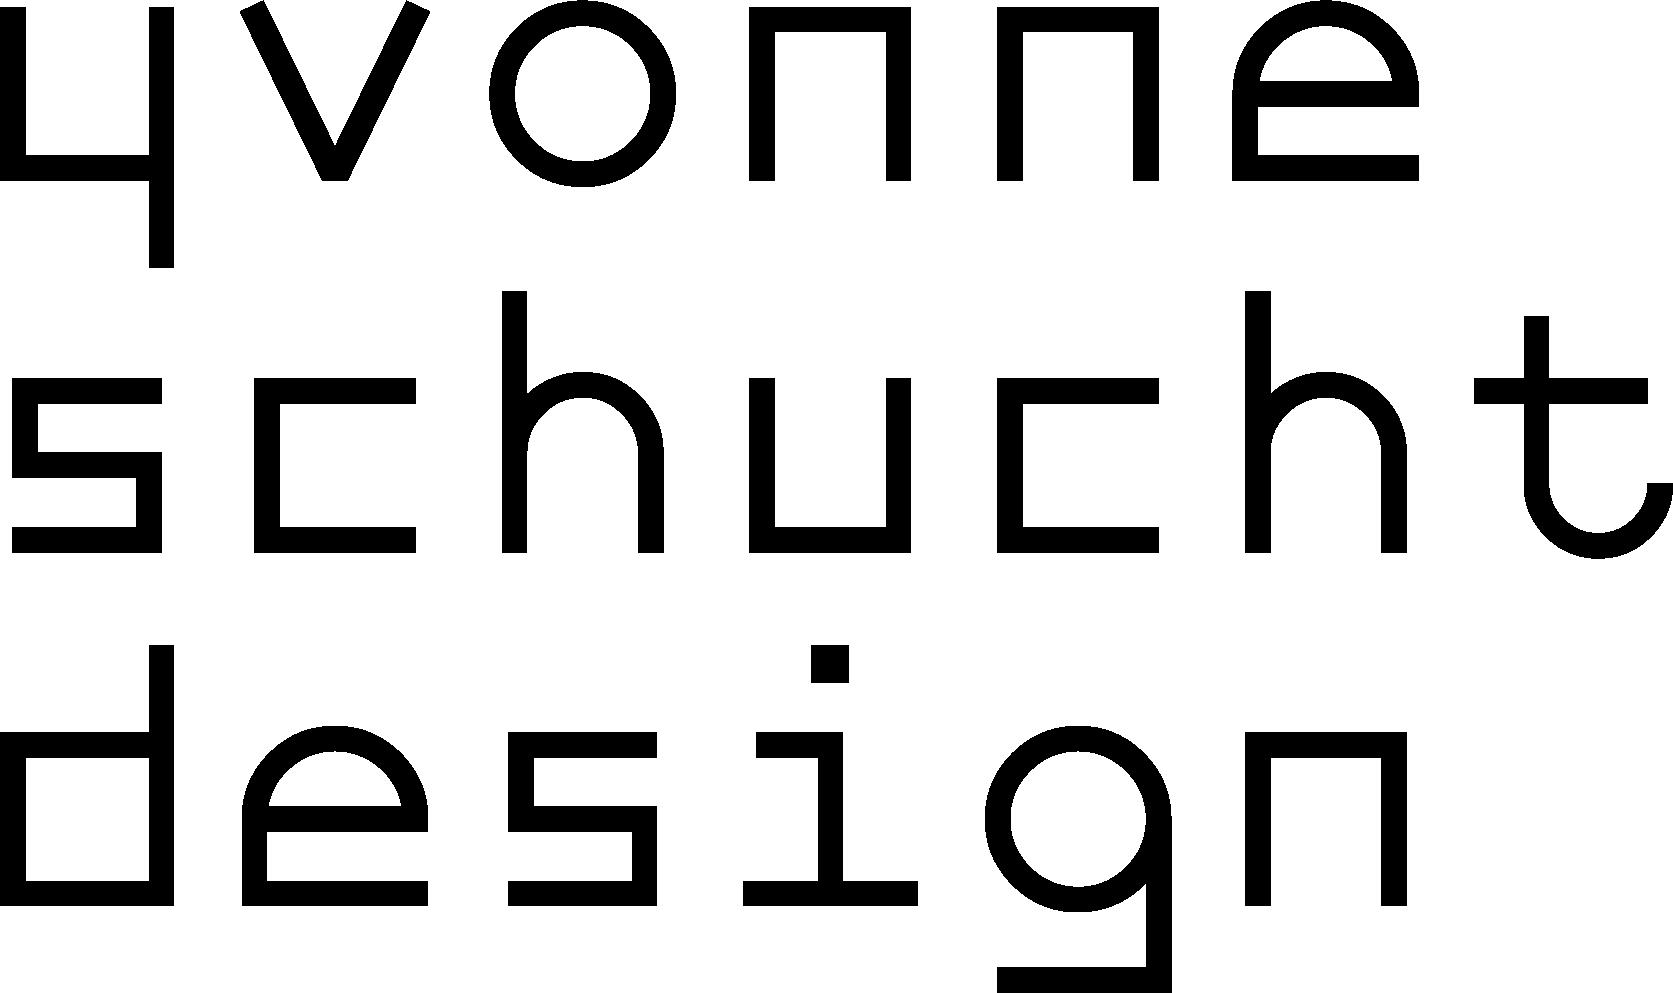 Yvonne Schucht Design